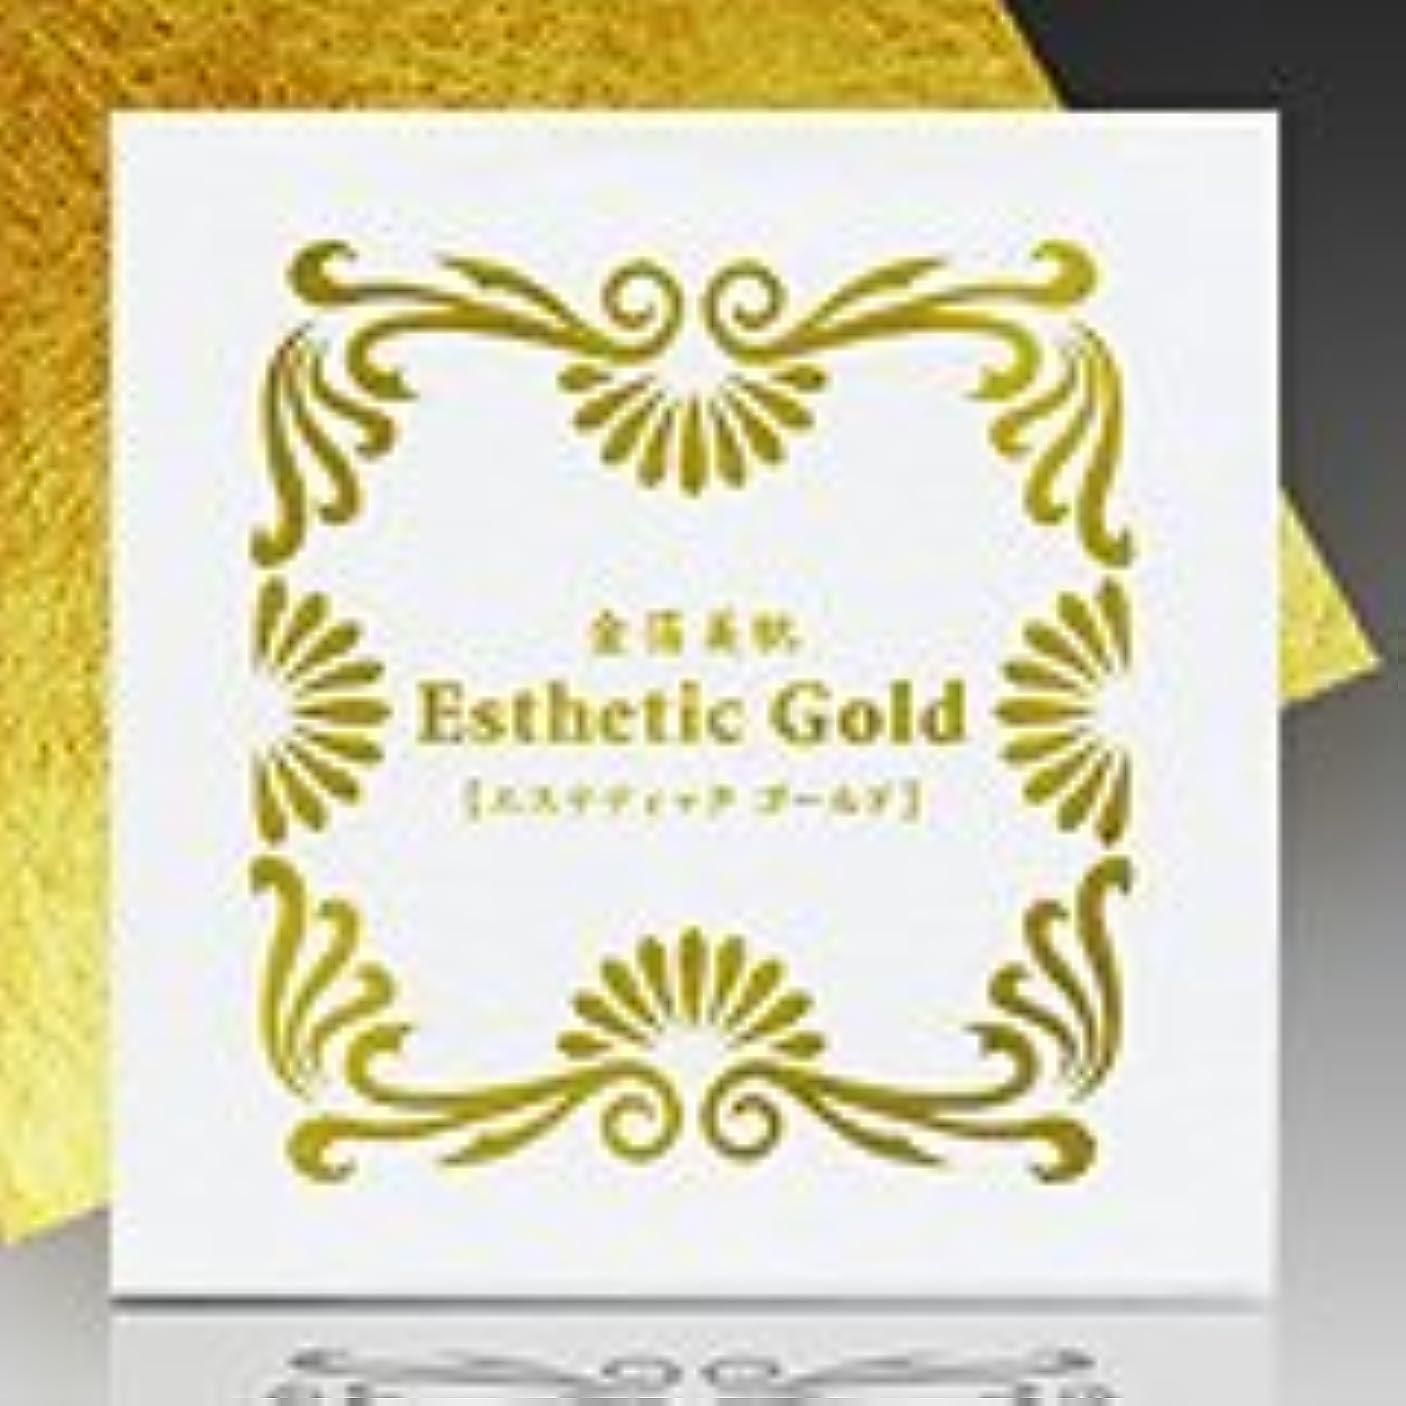 違反ギネスフラグラント【金箔 美肌】エステティック ゴールド 24K-10枚入【日本製】